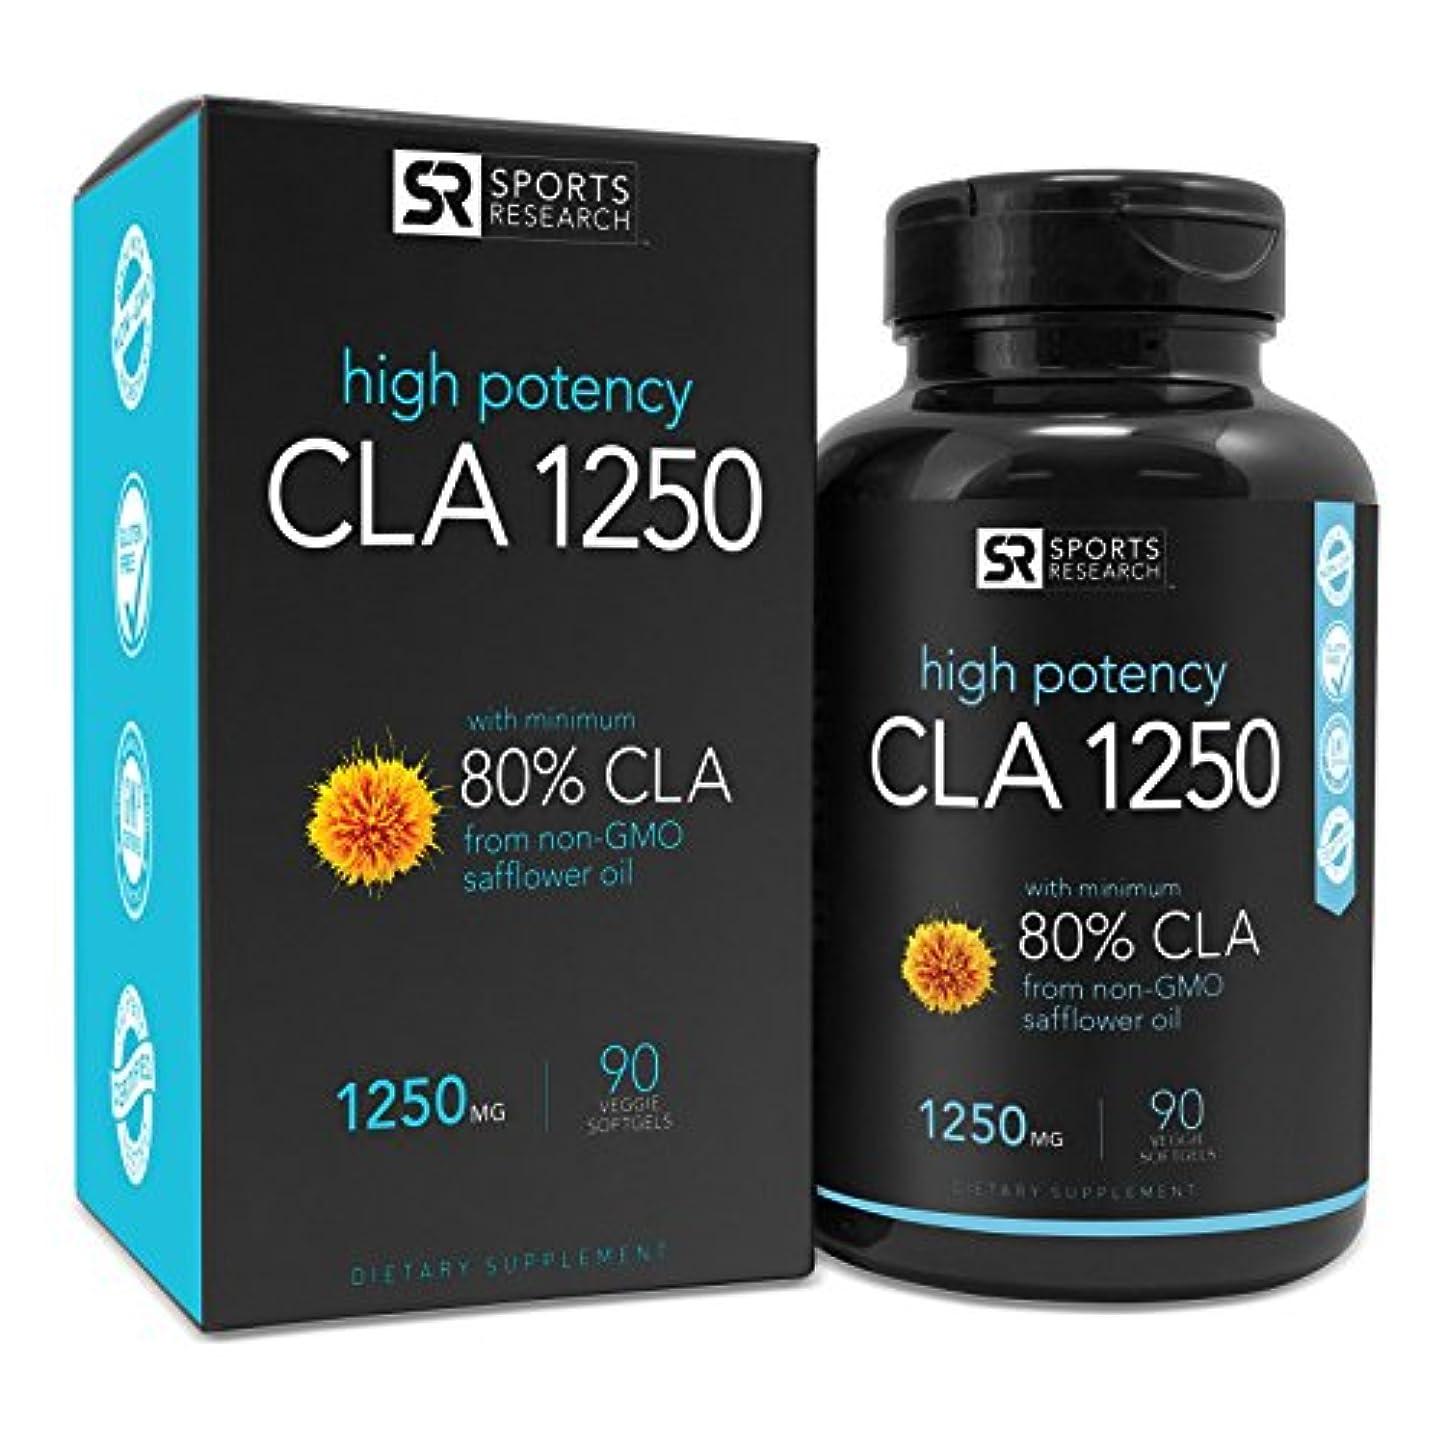 売る超える不正確High Potency CLA 1250 (90 Veggie-Softgels) with 80% active Conjugated Linoleic Acid ~ Natural Weight loss Supplement for Men and Women ~Vegan and Vegetarian diet approved ~ Made in the USA